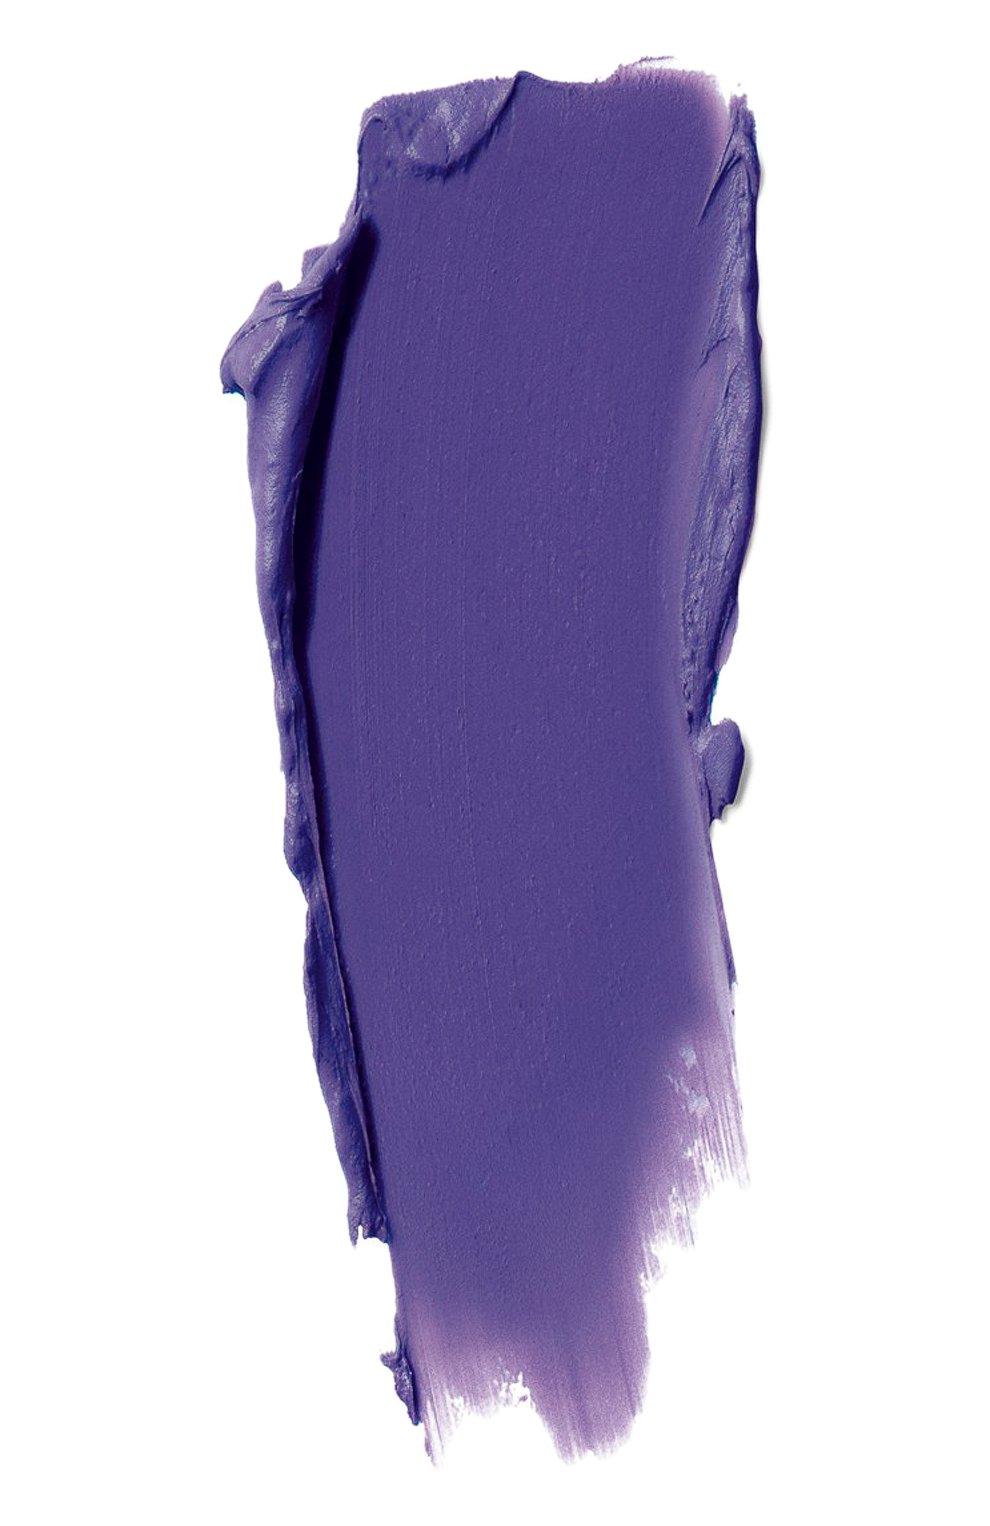 Матовая губная помада, оттенок 711 GUCCI бесцветного цвета, арт. 3616300892794 | Фото 2